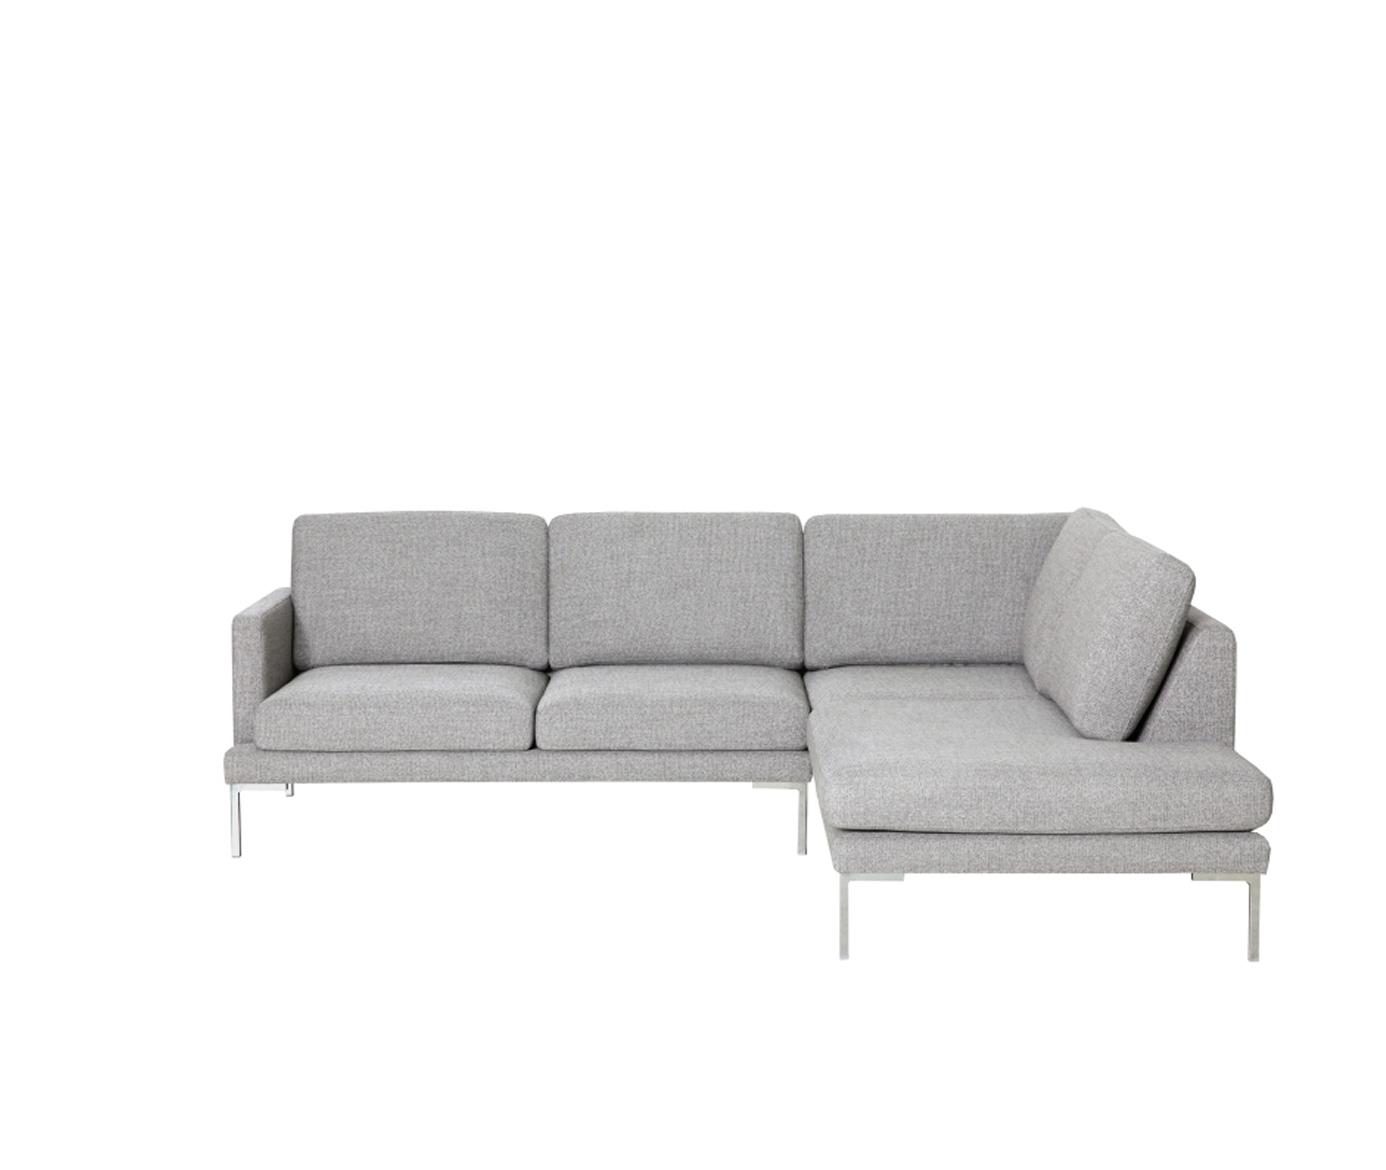 Luma corner sofa - set 6